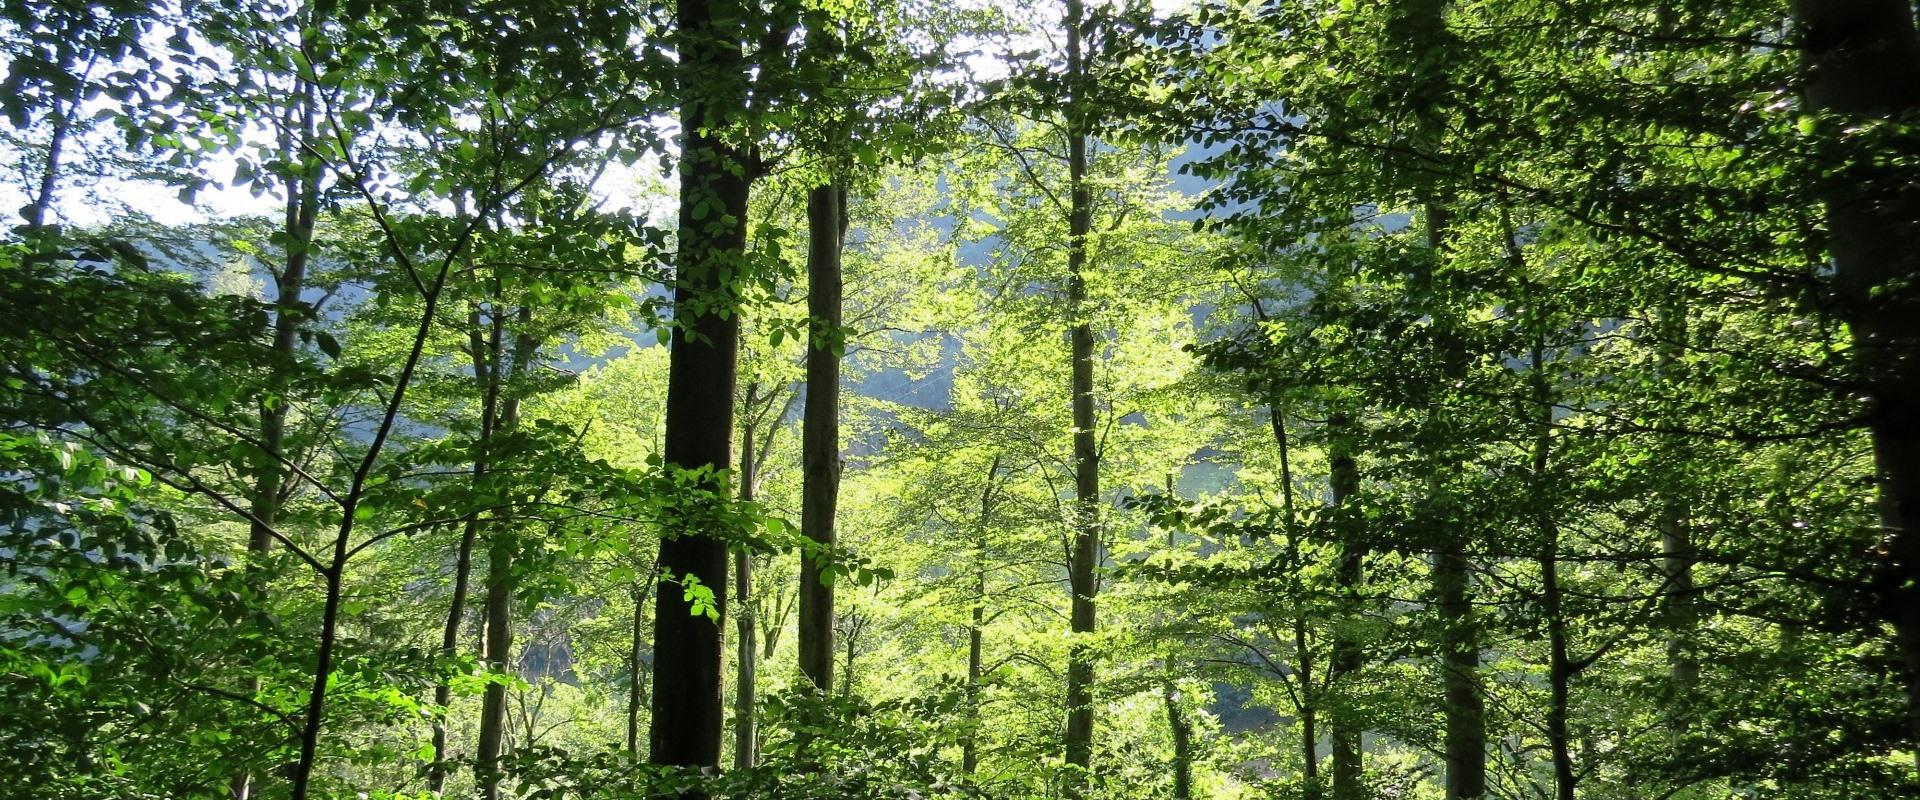 Warum unsere Wälder nicht ausreichend naturnah sind!